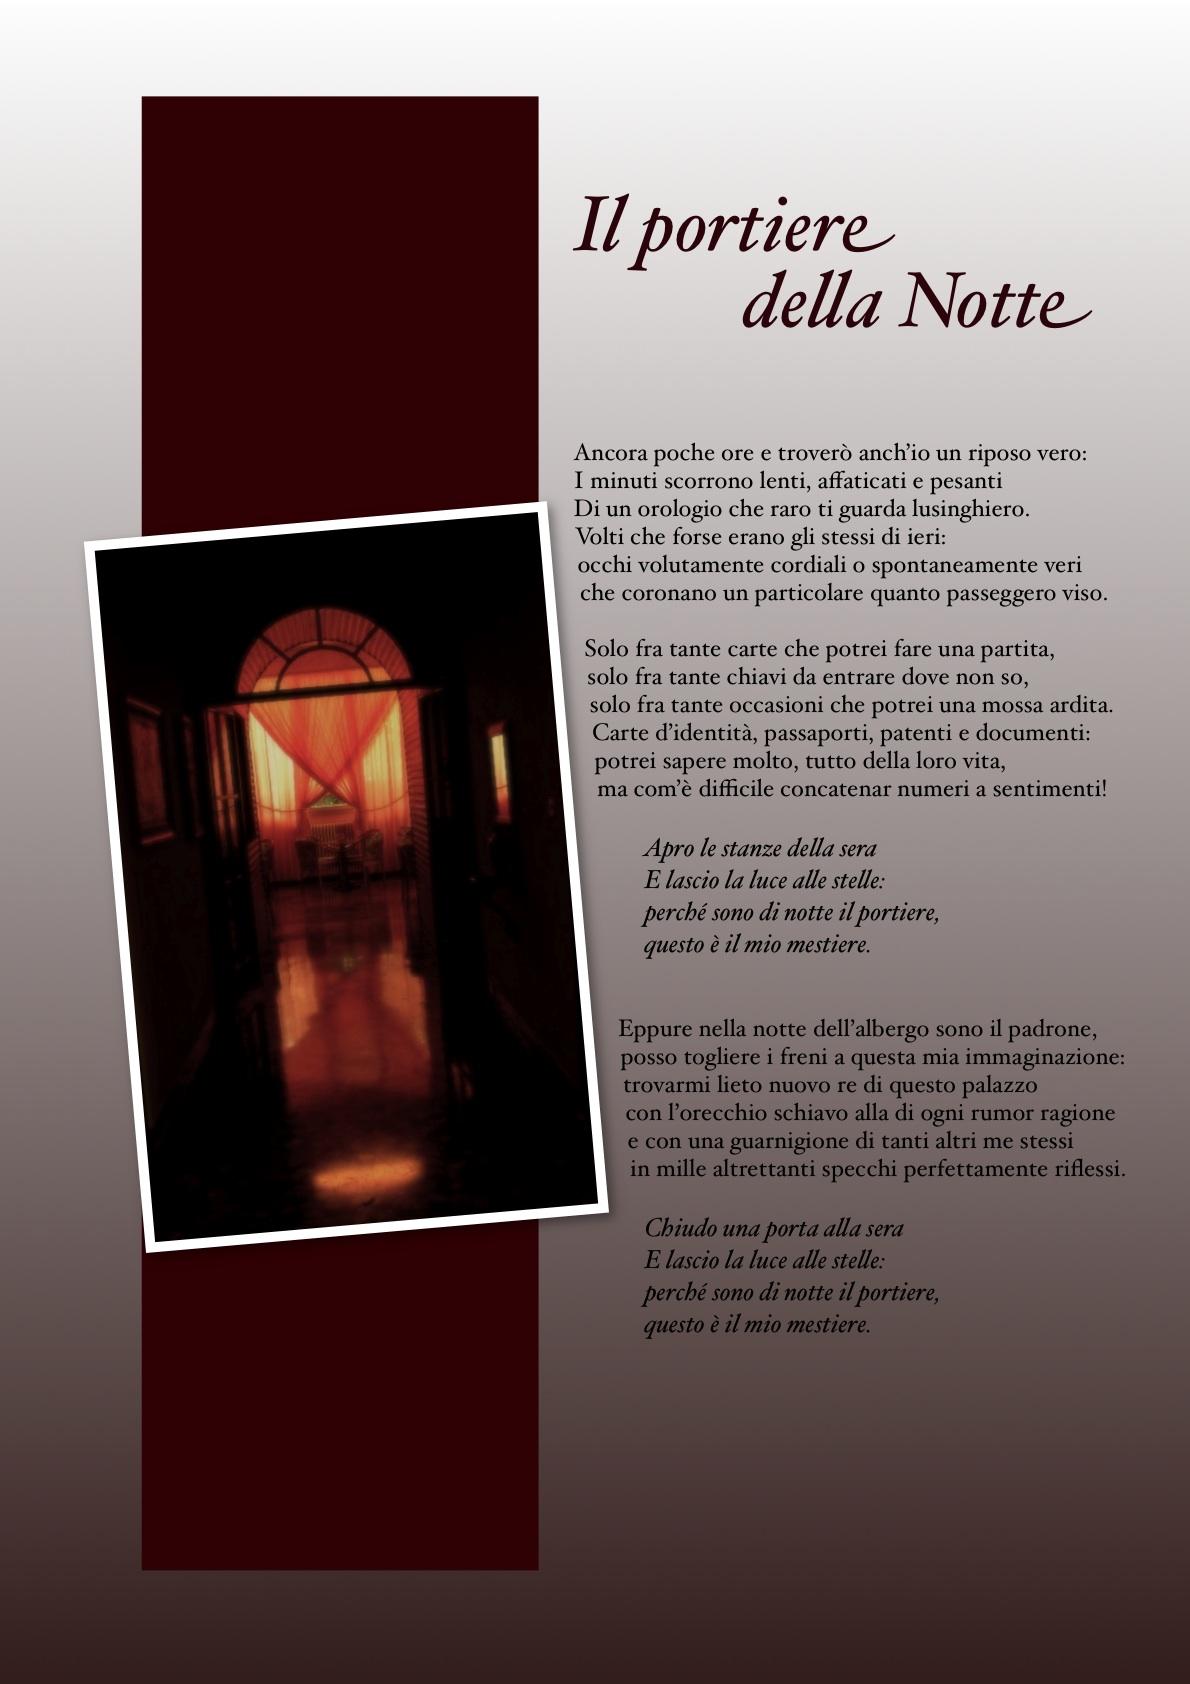 portiere_della_notte.jpg